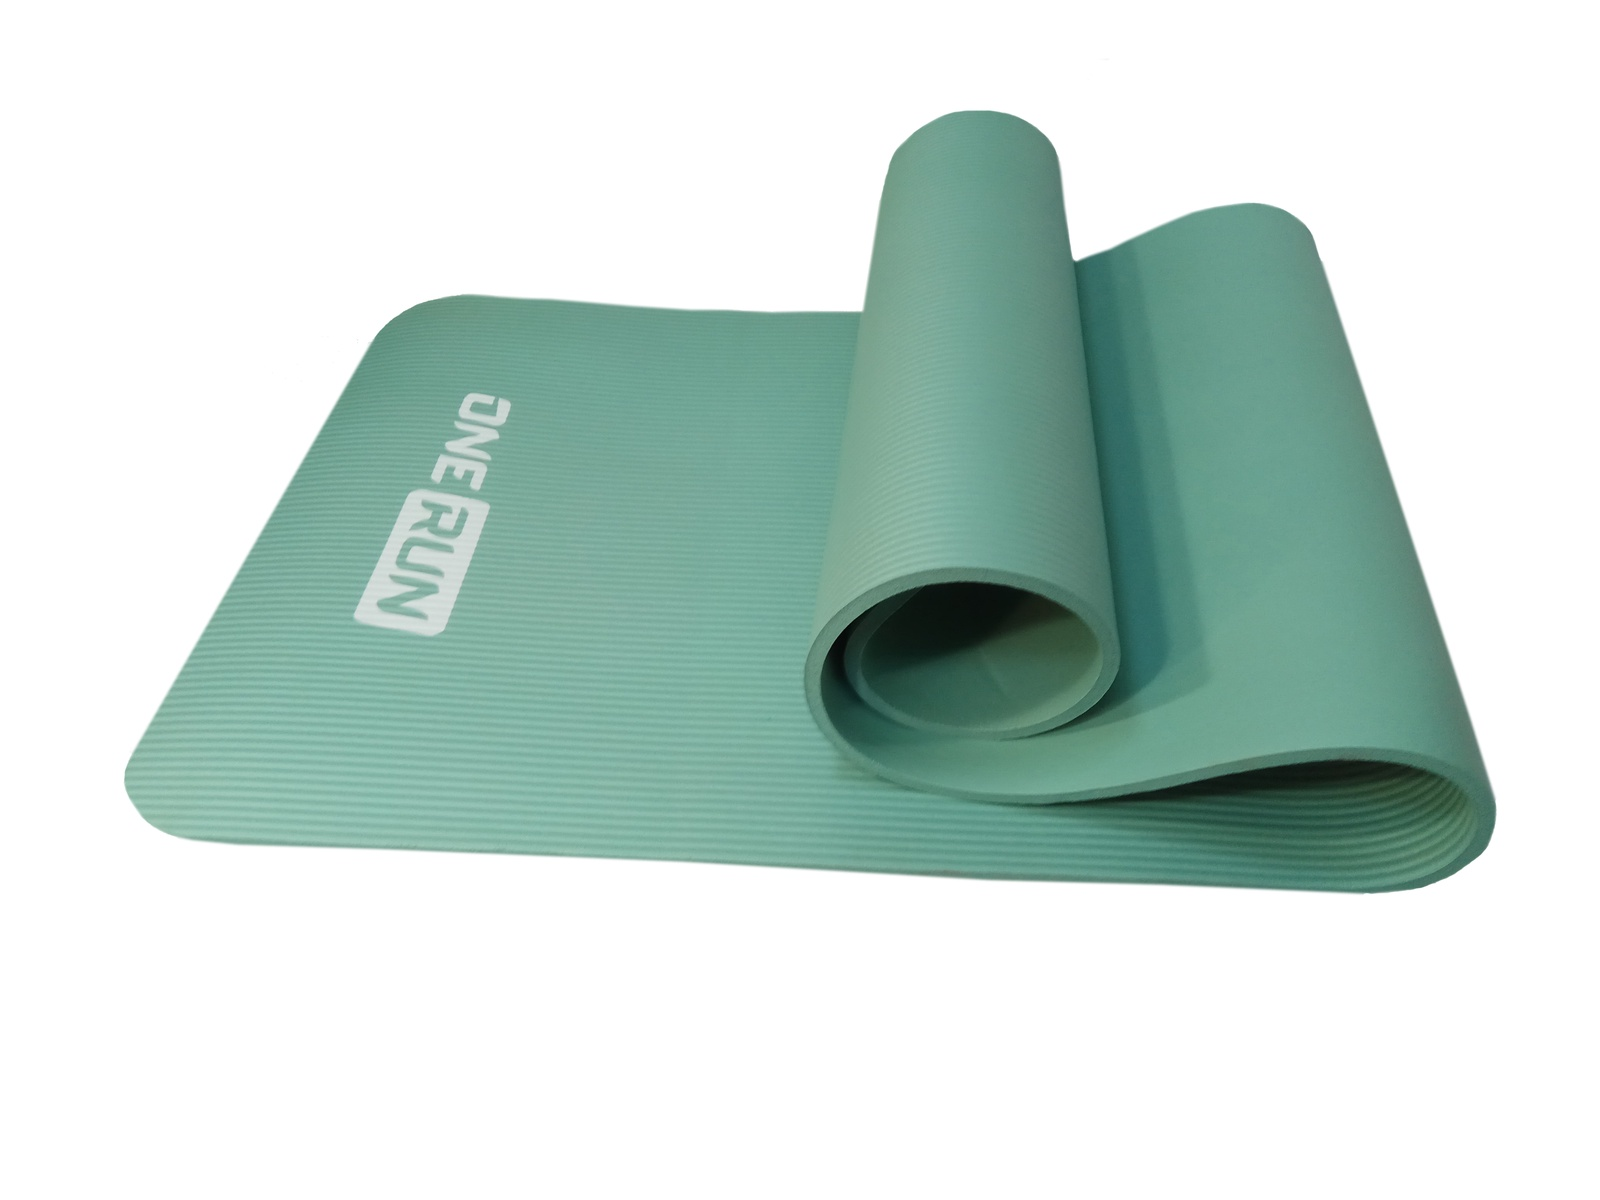 Коврик для йоги и фитнеса OneRun 495-4847, бирюзовый коврик для йоги onerun 495 4807 зеленый 173 х 61 см